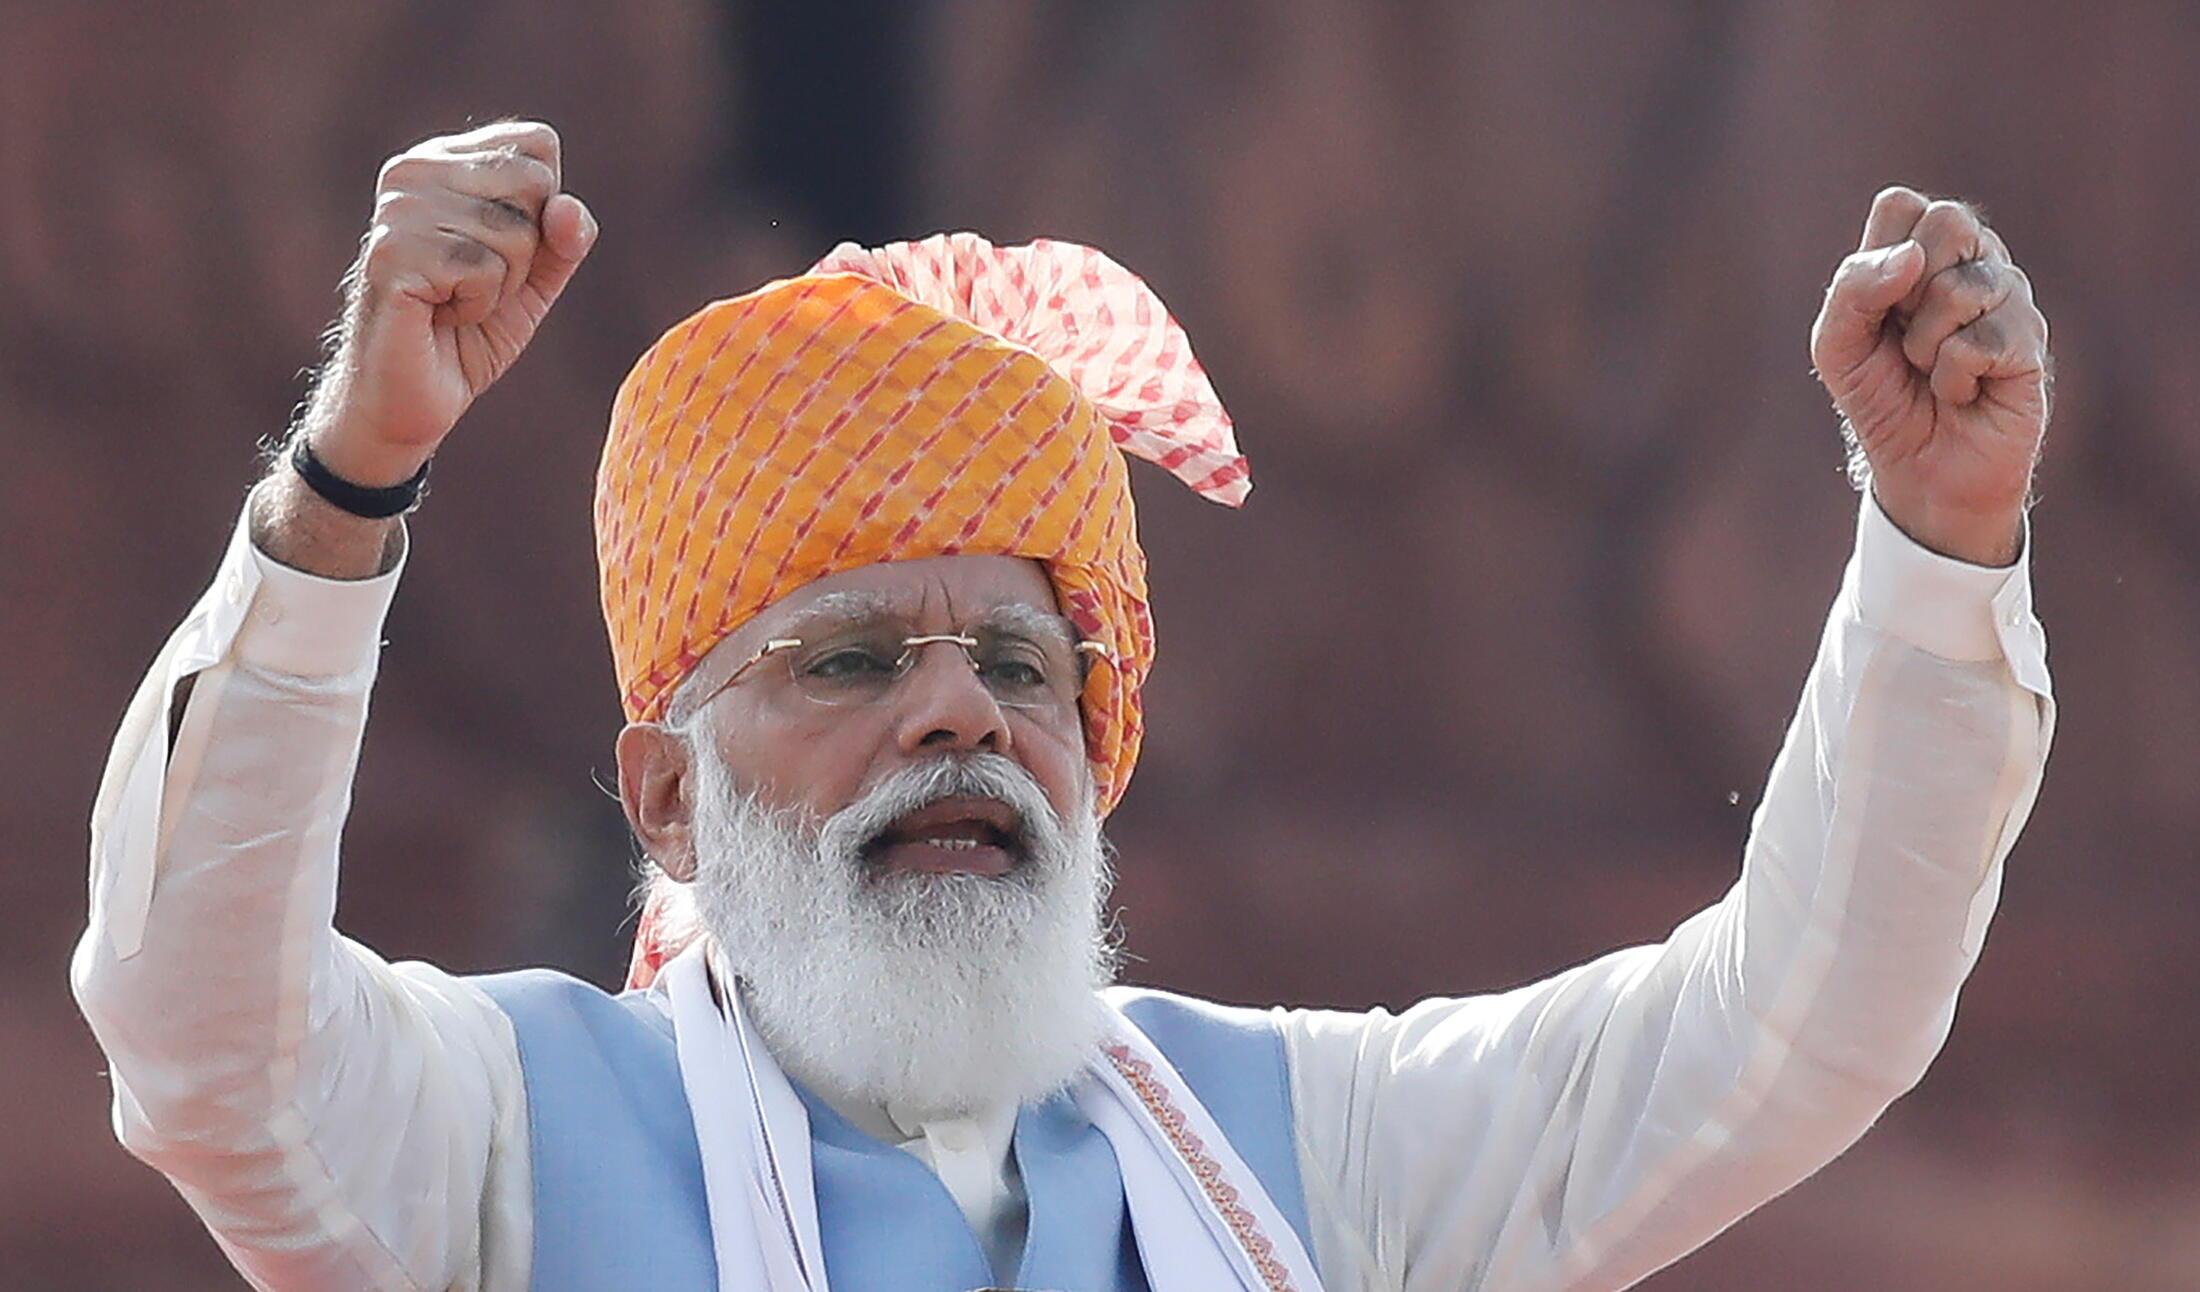 8月15日,印度总理莫迪参加印度独立日纪念活动